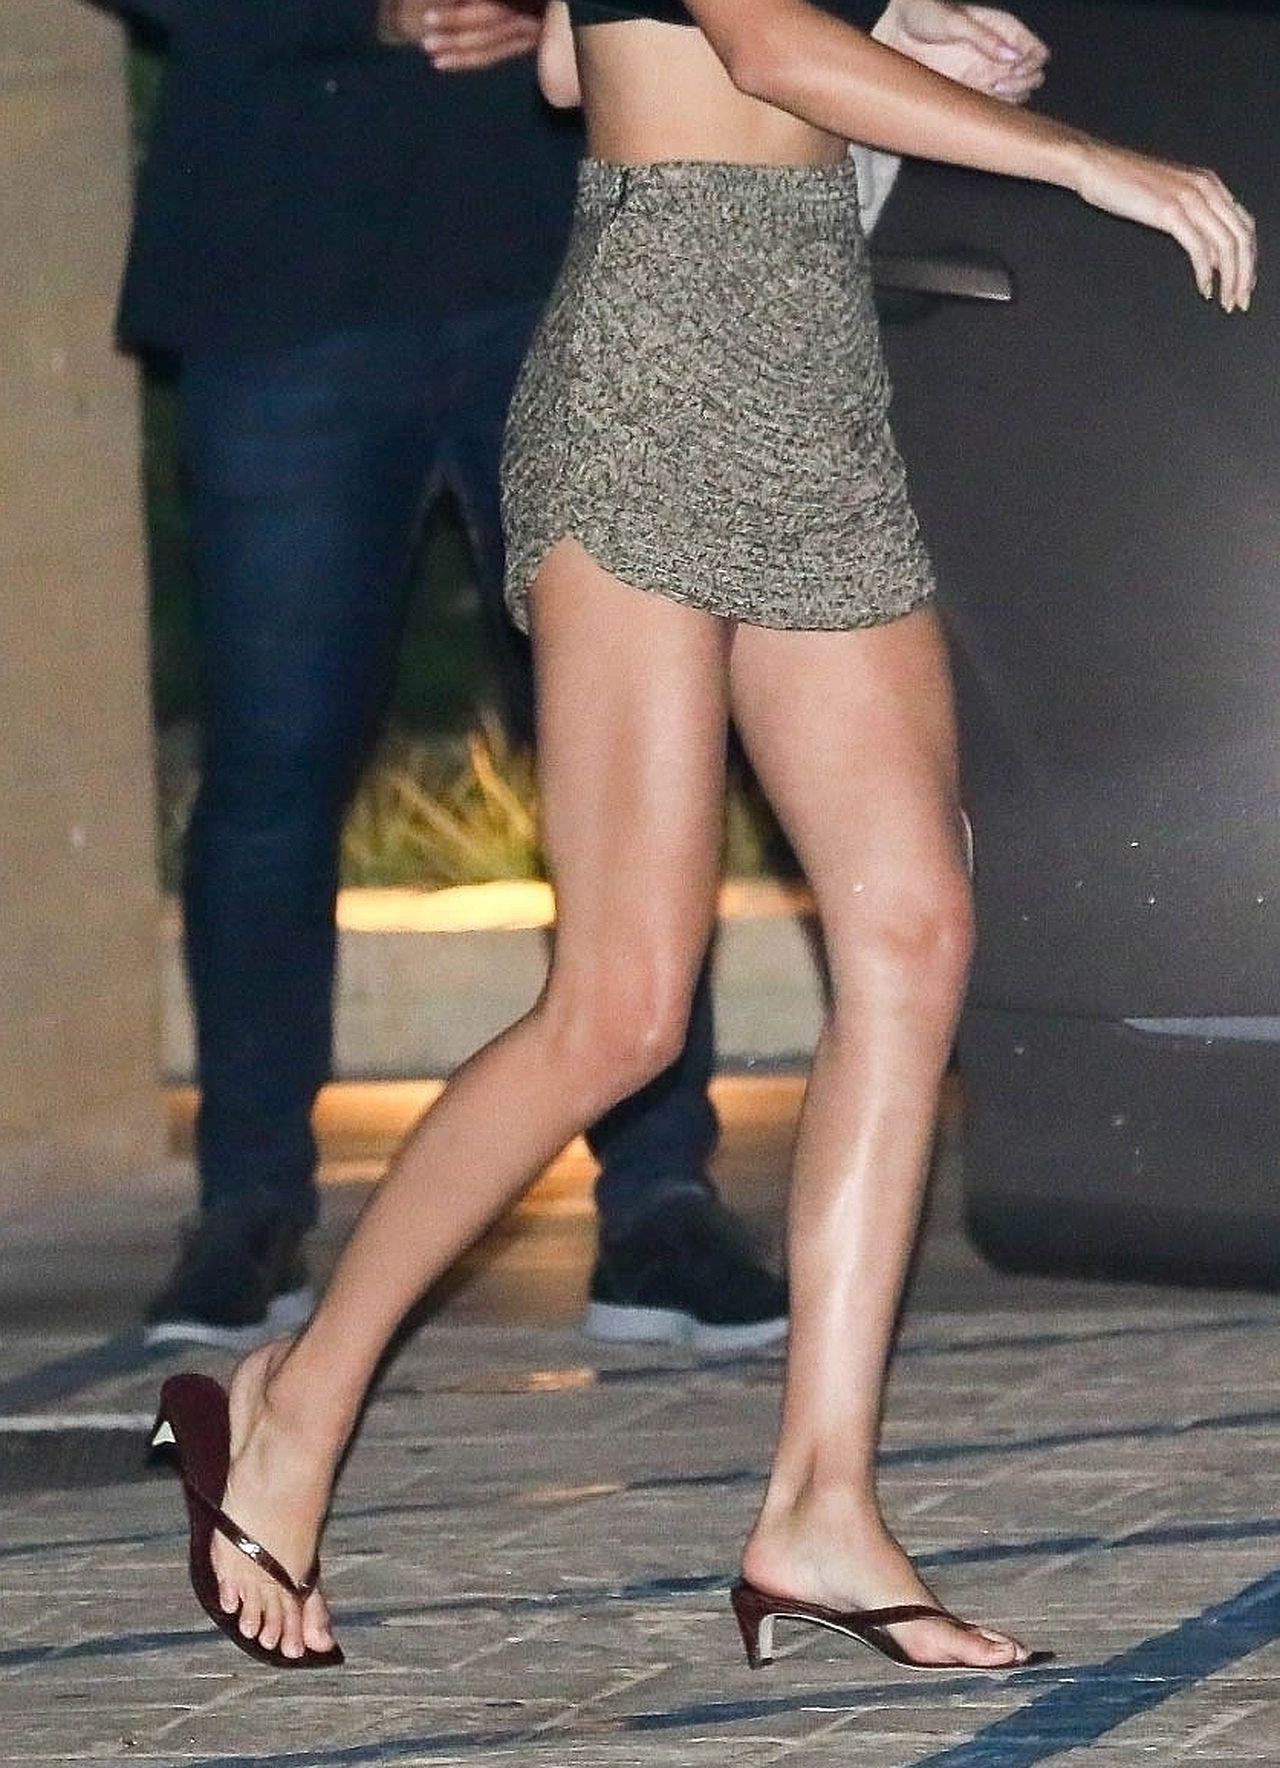 Spódnica Kendall była za krótka?